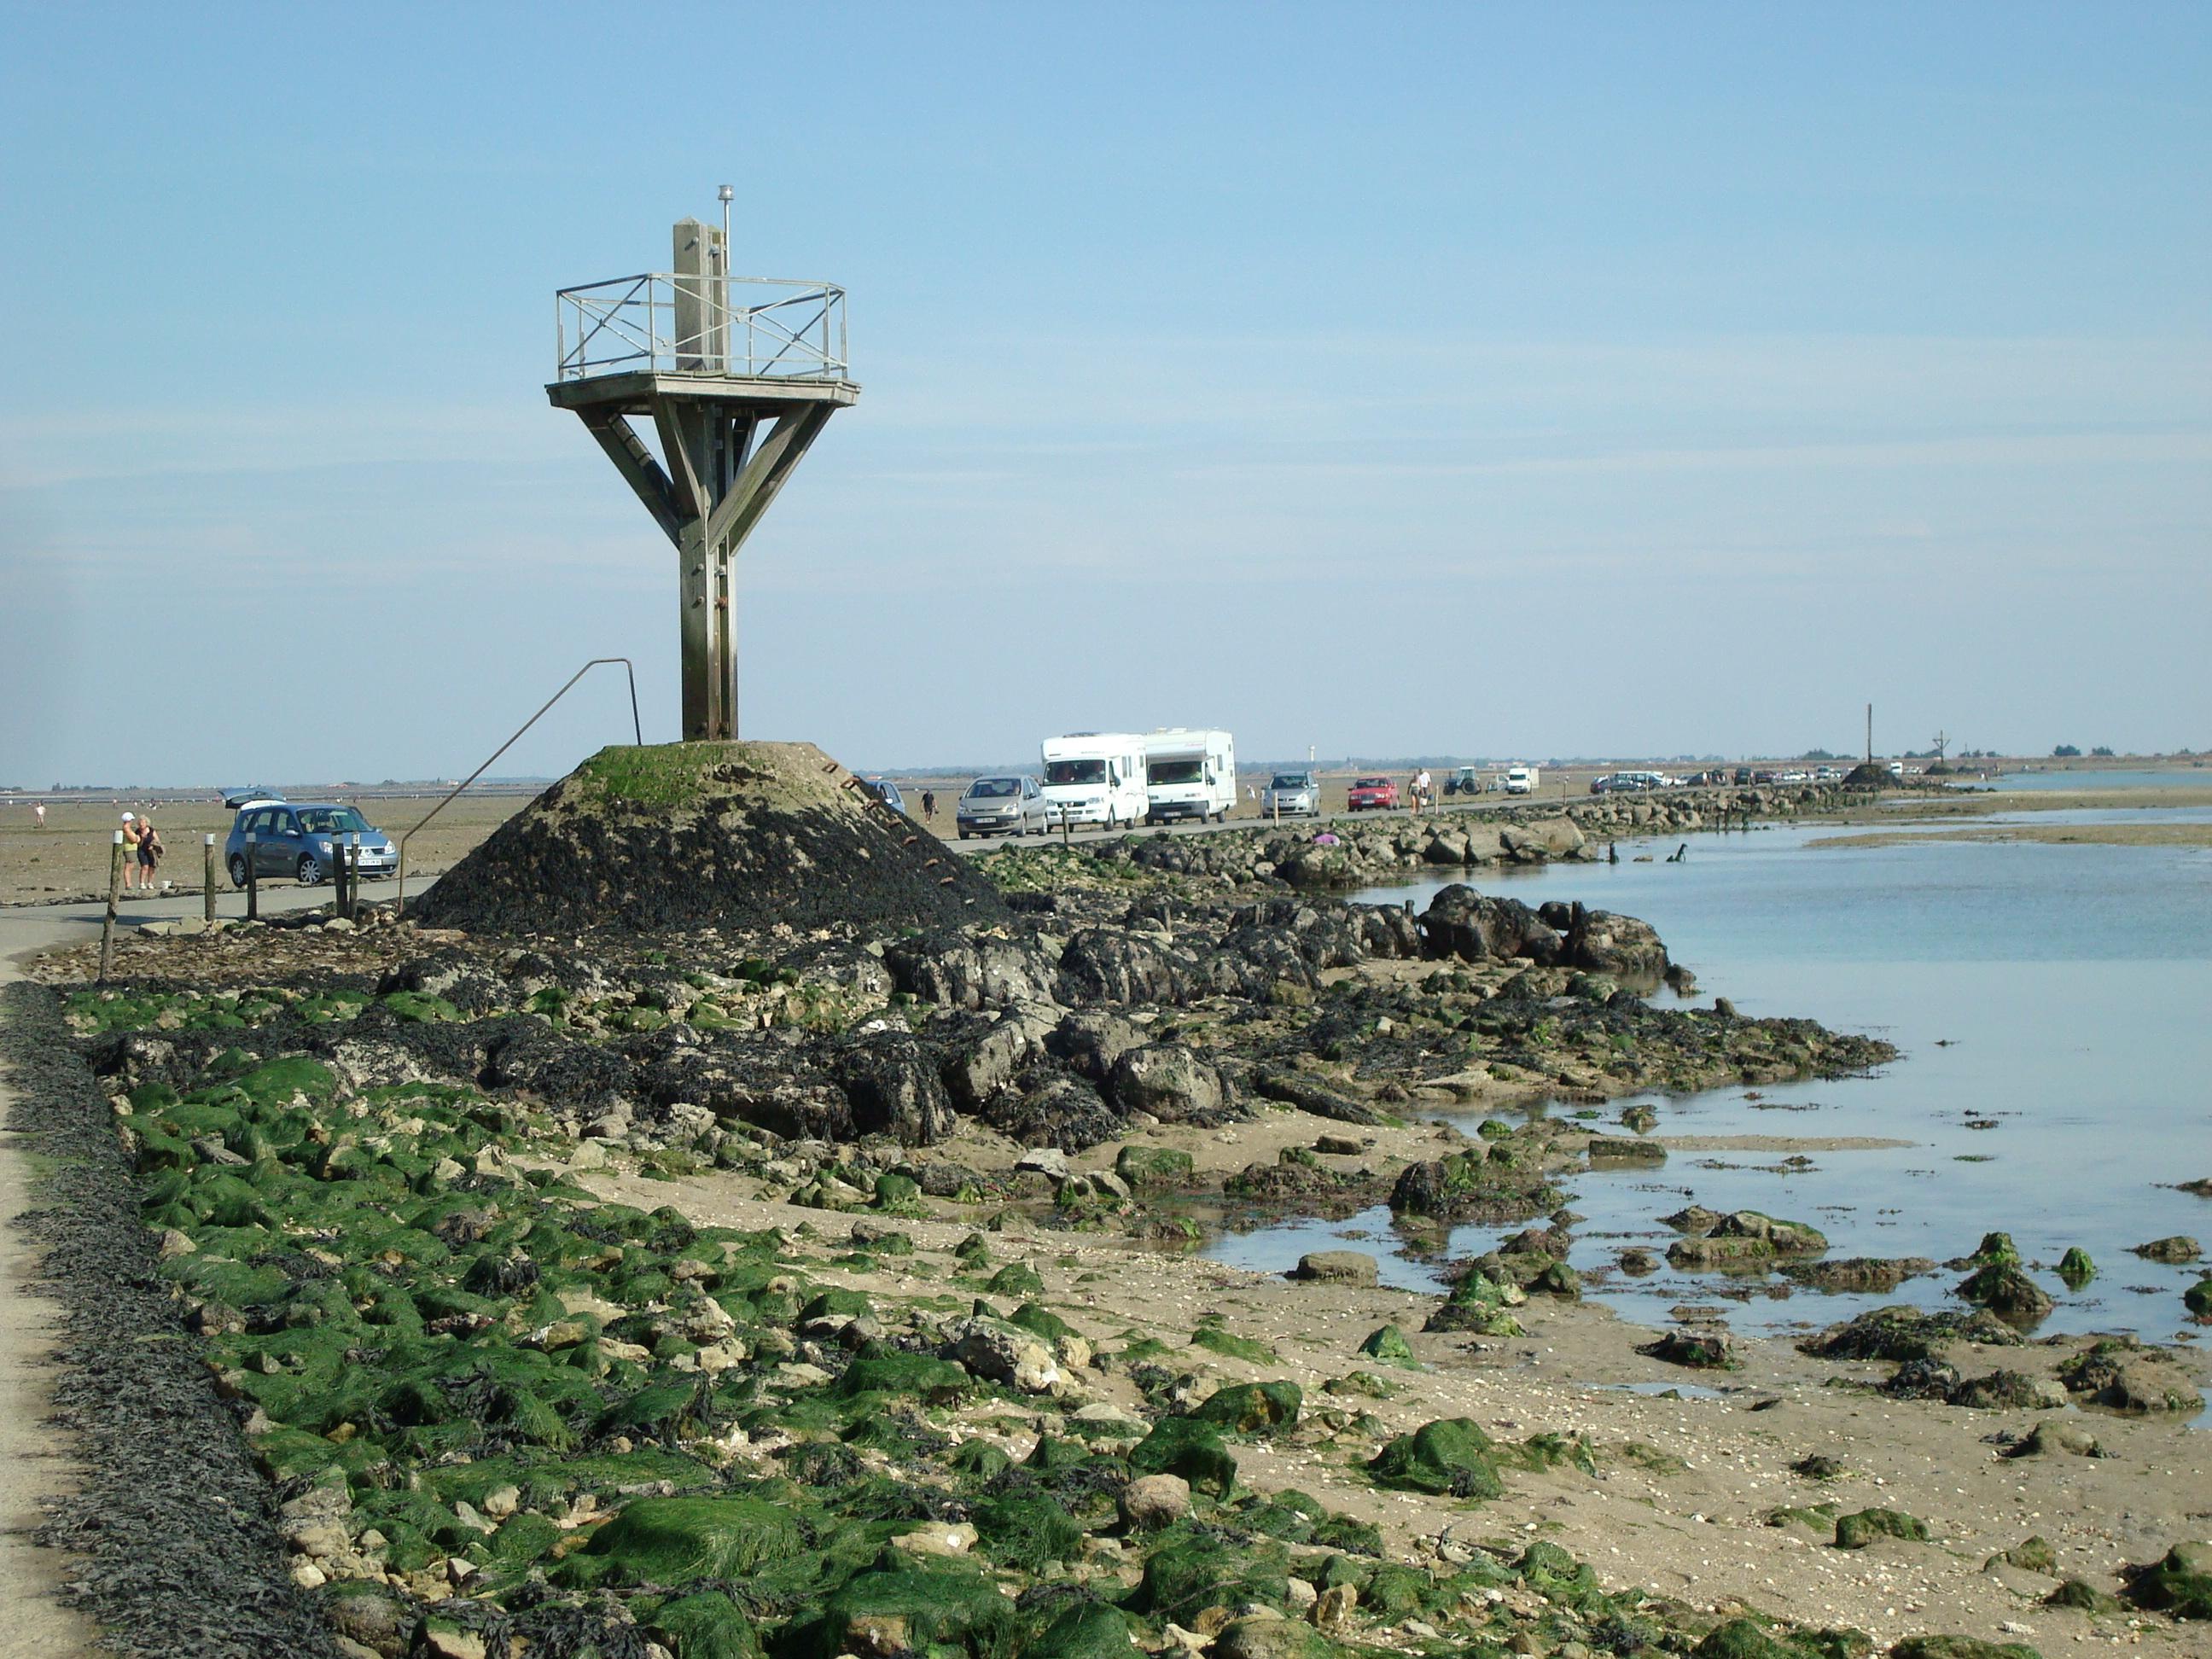 Photo noirmoutier en l 39 le 85330 passage du gois - Office de tourisme noirmoutier en l ile vendee ...